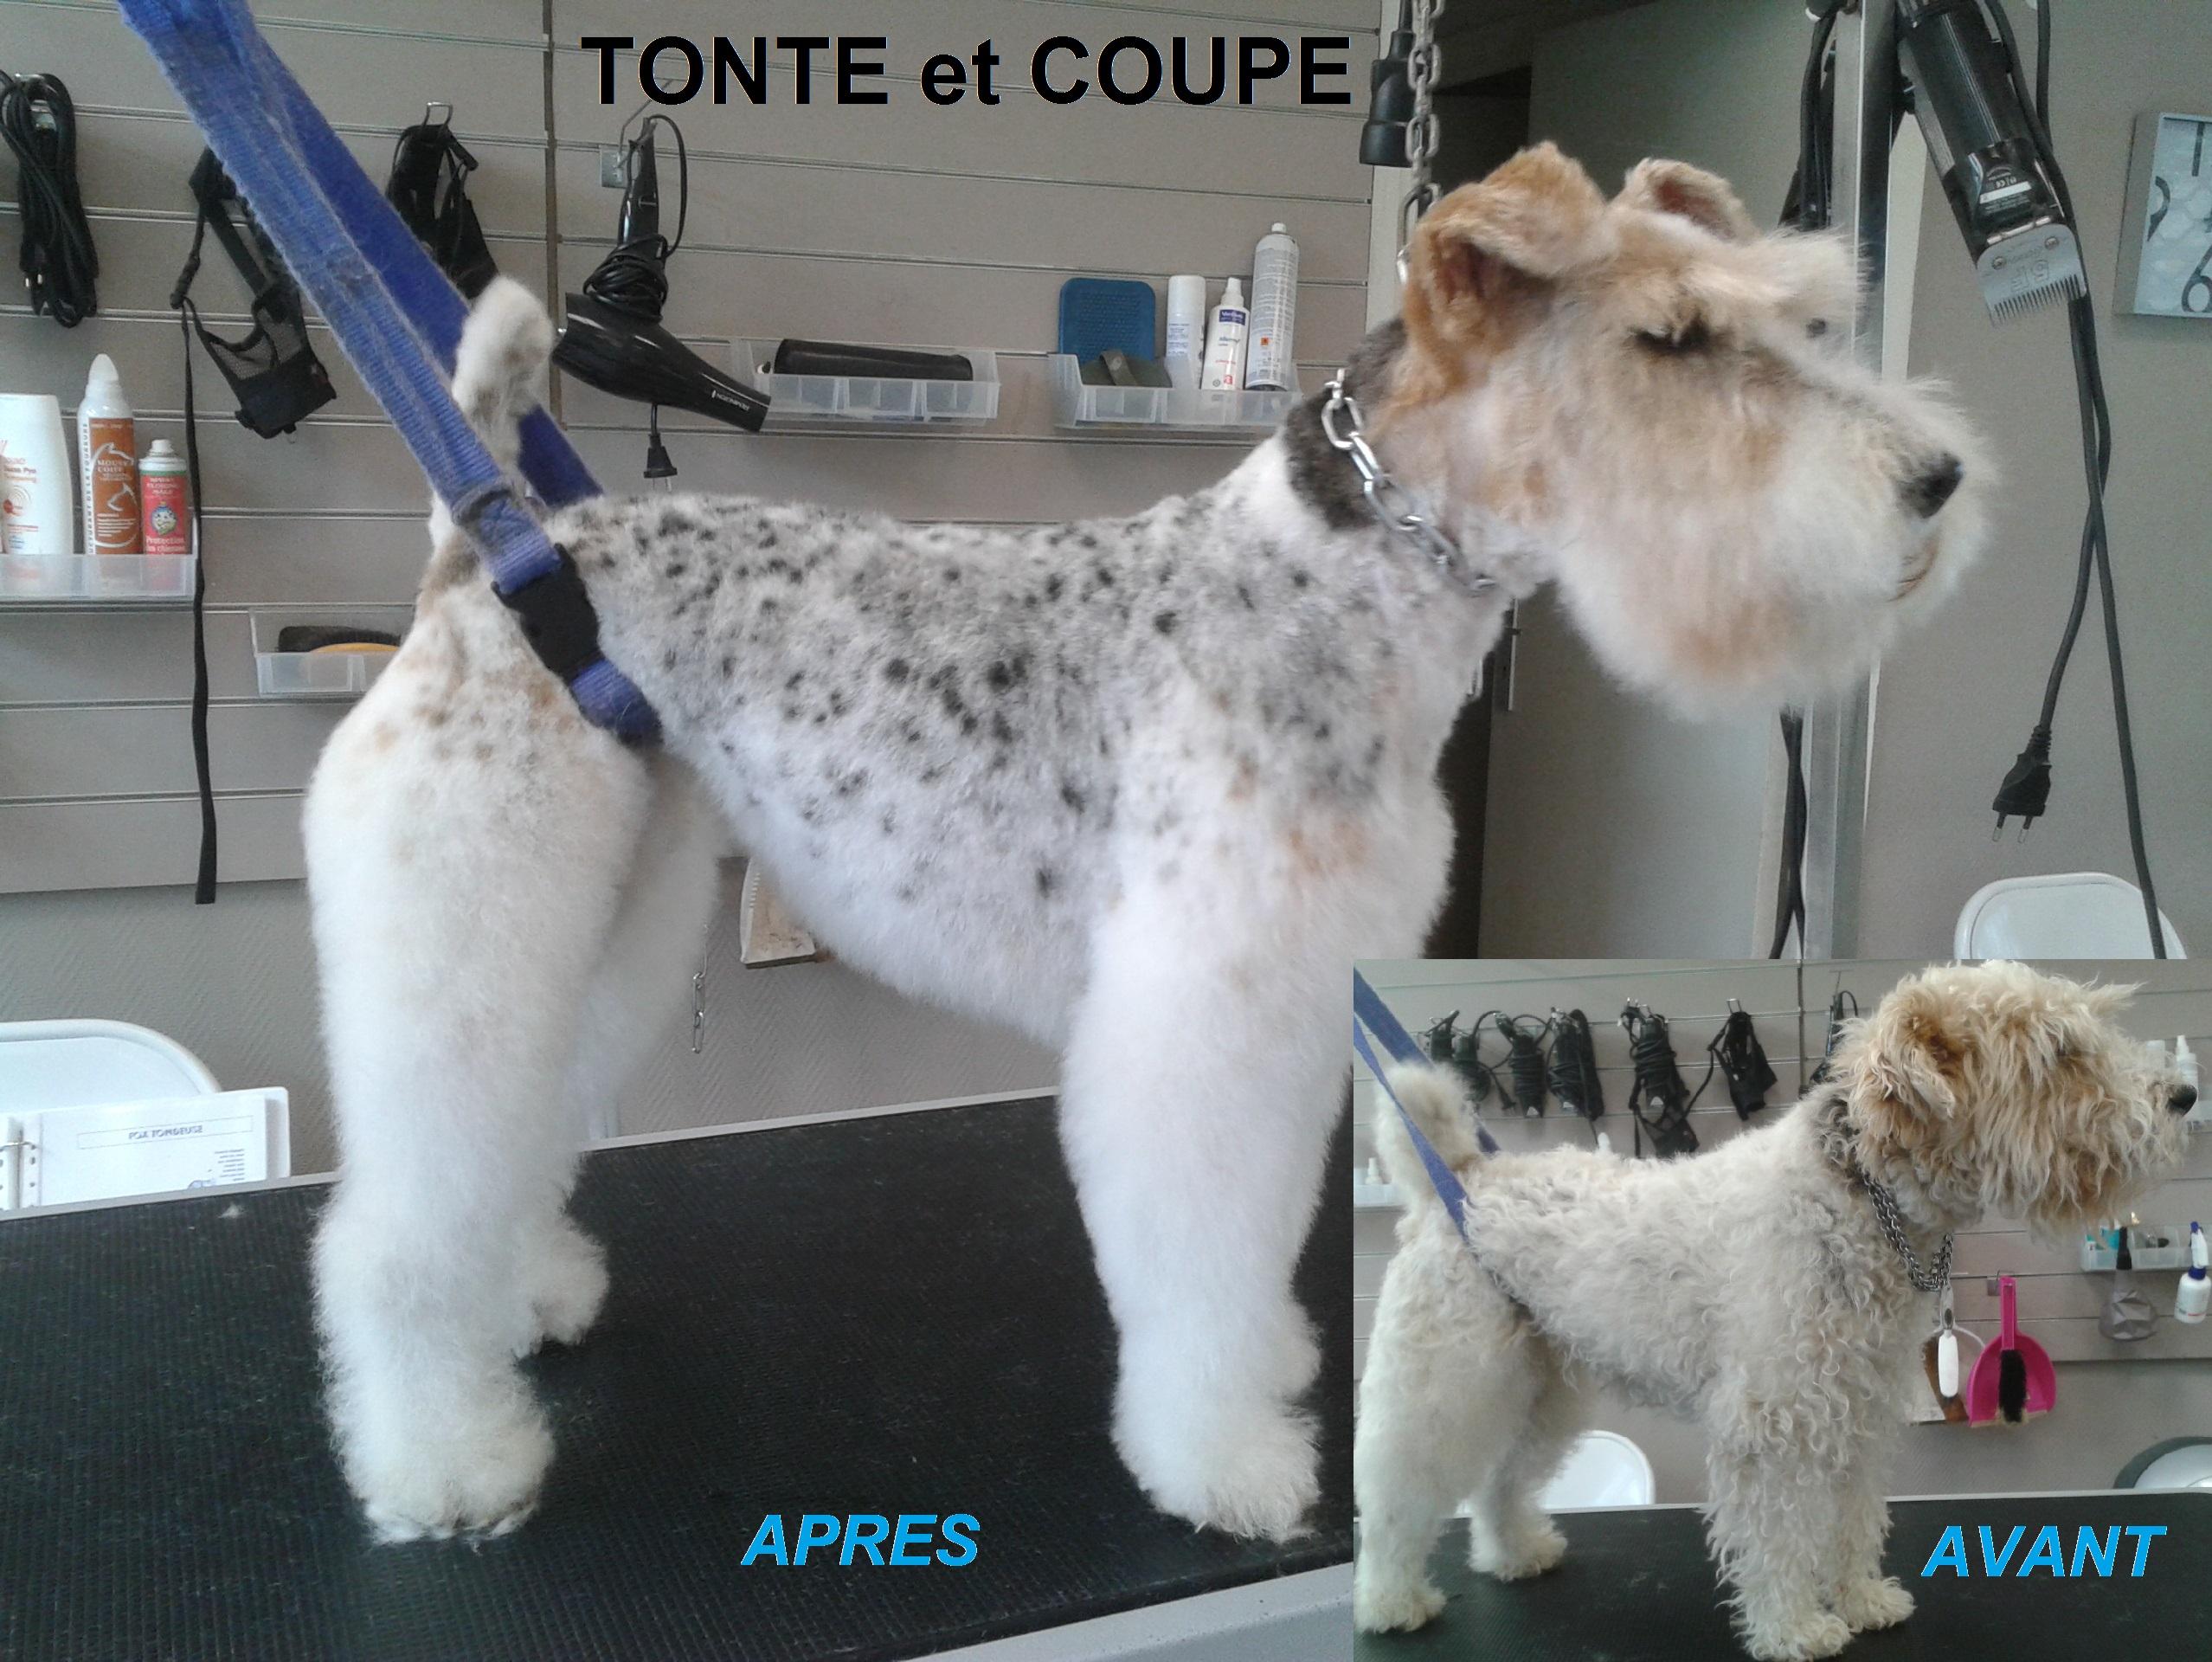 fox terrier tonte et coupe 1 avant après toilettage toulouse lovely coussi'nets